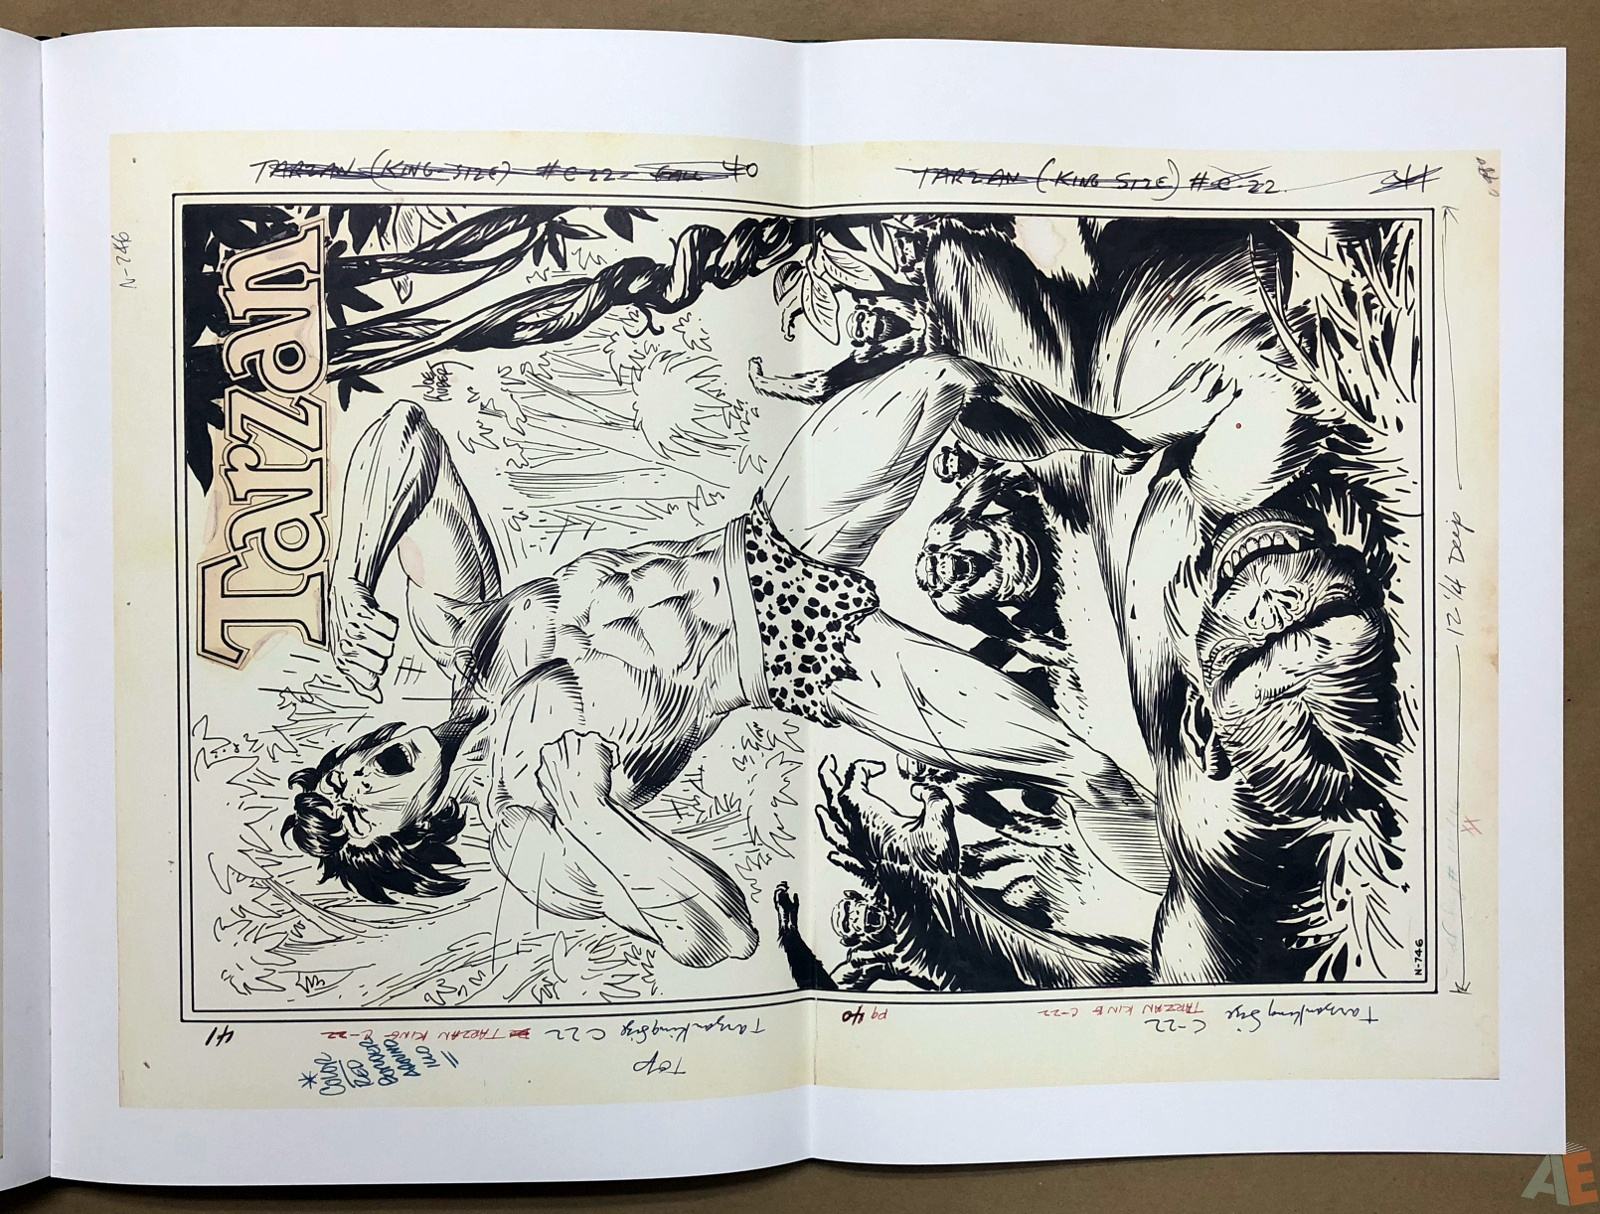 Joe Kubert's Tarzan of the Apes Artist's Edition 36